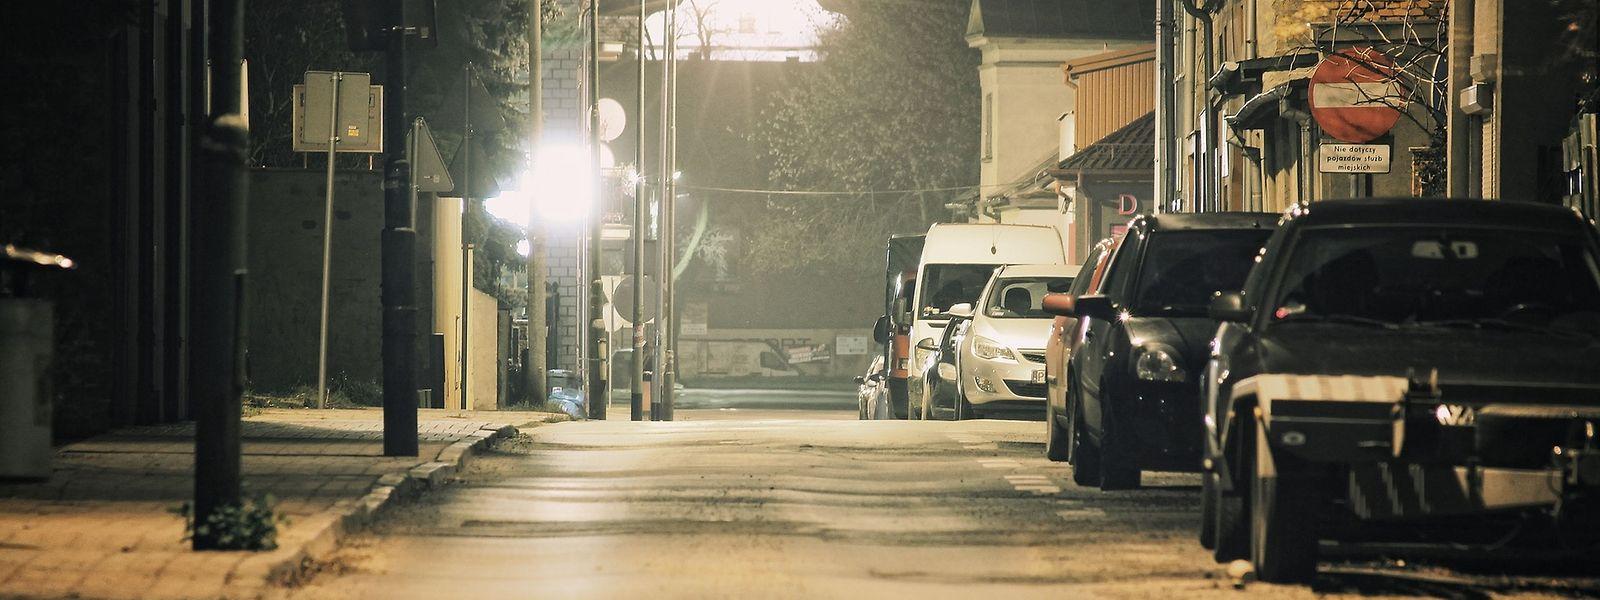 Les rues d'Arlon et de toutes les localités de la province seront désormais totalement désertes entre 1 heure et 6 heures du matin